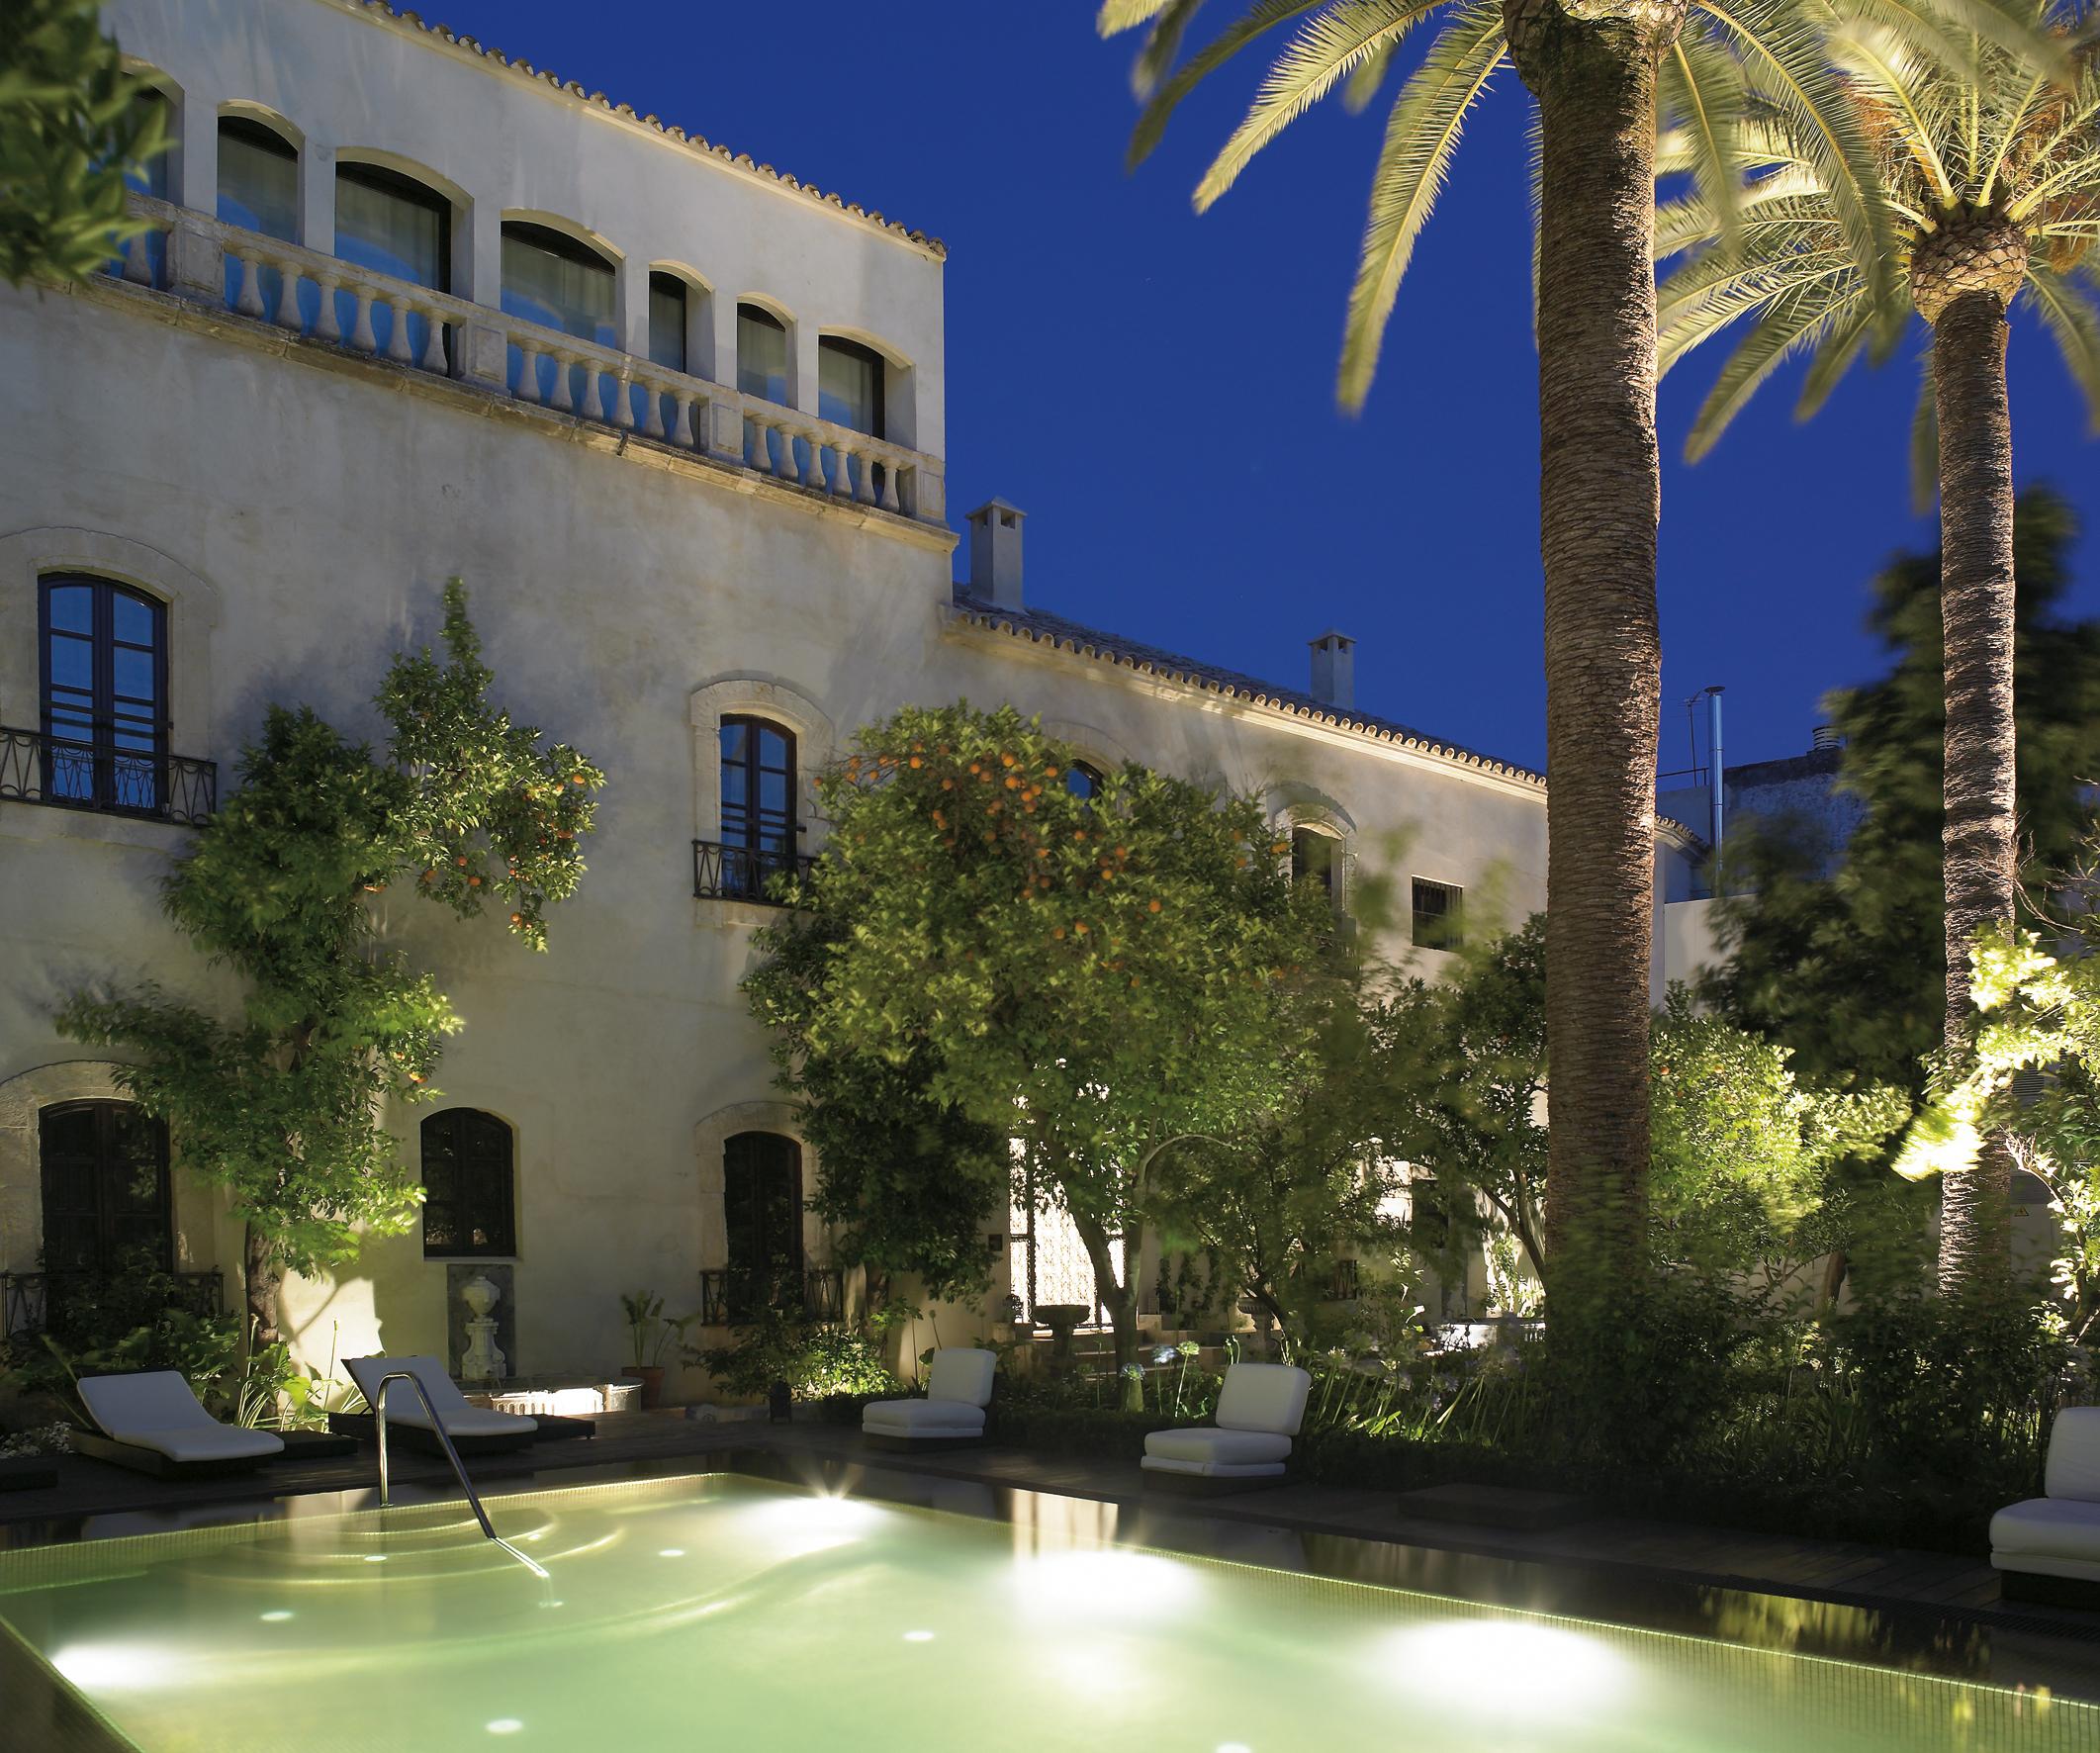 Zwembad in de avond van Hospes Palacio del Bailío - Crema Catalana - blog over reizen, beleven, eten en logeren in Spanje